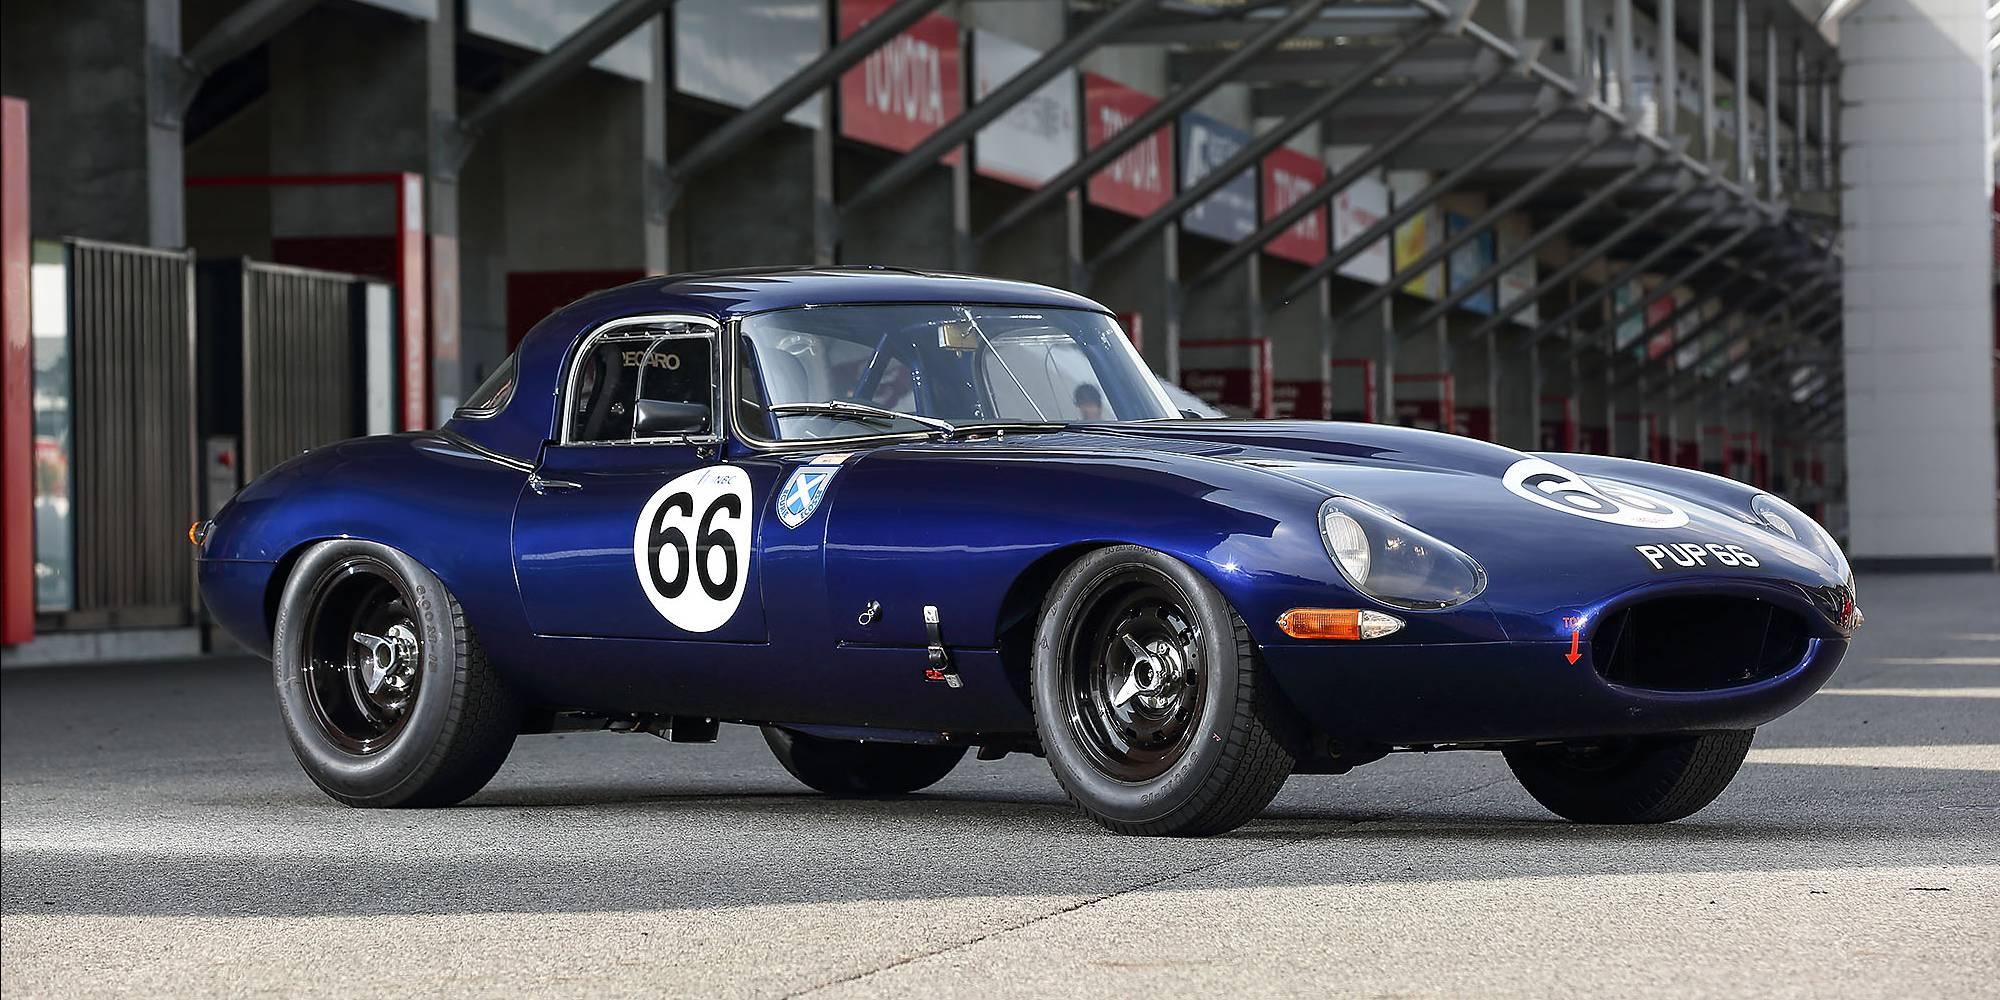 Jaguar F Type Coupe >> 1963年式 ジャガー Eタイプ 3.8リッター コンペティション・クーペ ビンゴスポーツ/希少車、 絶版車、高級車の販売・買取。